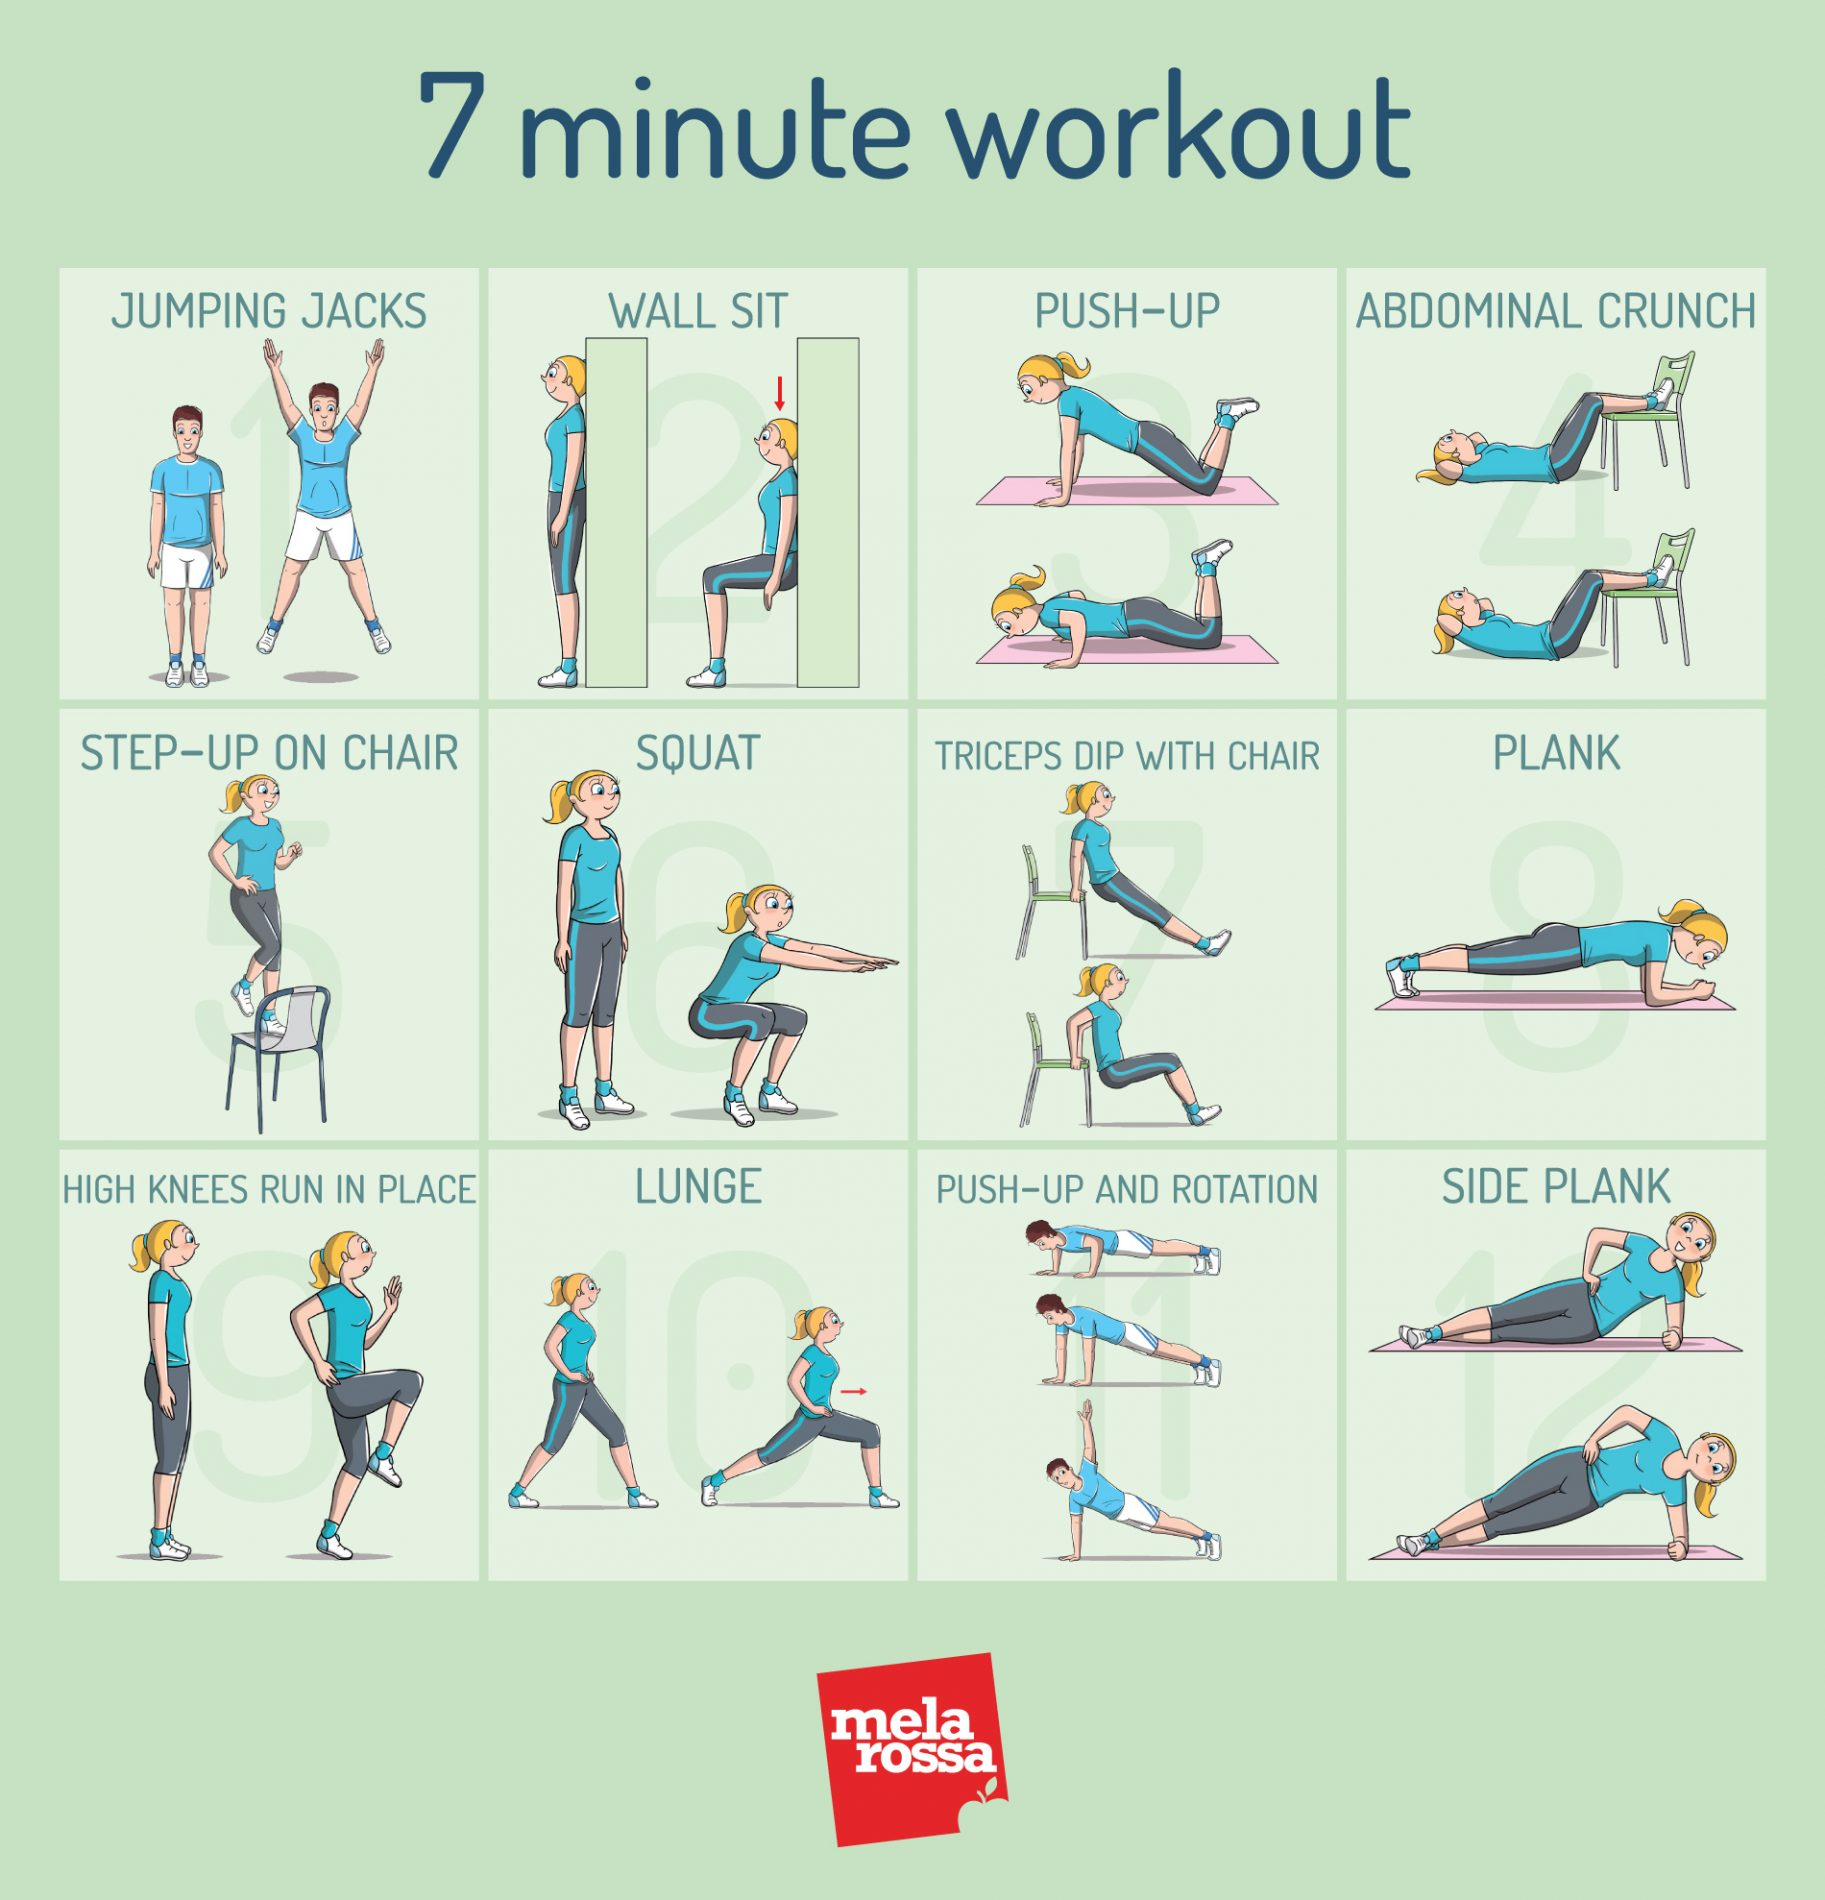 allenamento in 7 minuti : 12 esercizi